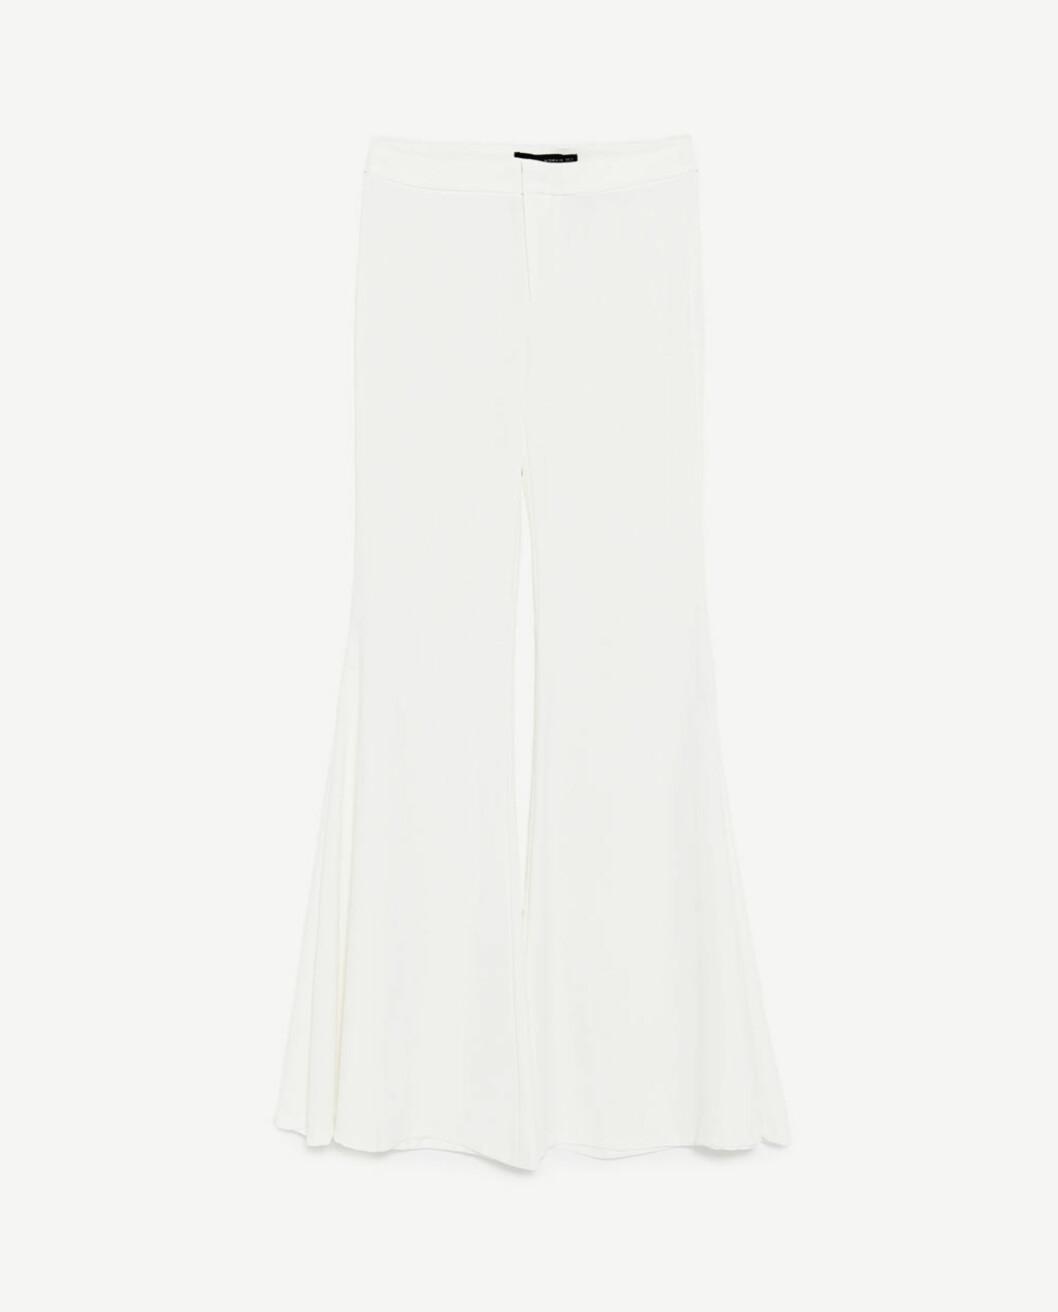 <strong>Bukse fra Zara | kr 499 | https:</strong>//www.zara.com/no/no/dame/bukser/se-alle/bukse-med-ekstra-sleng-c719022p4572526.html